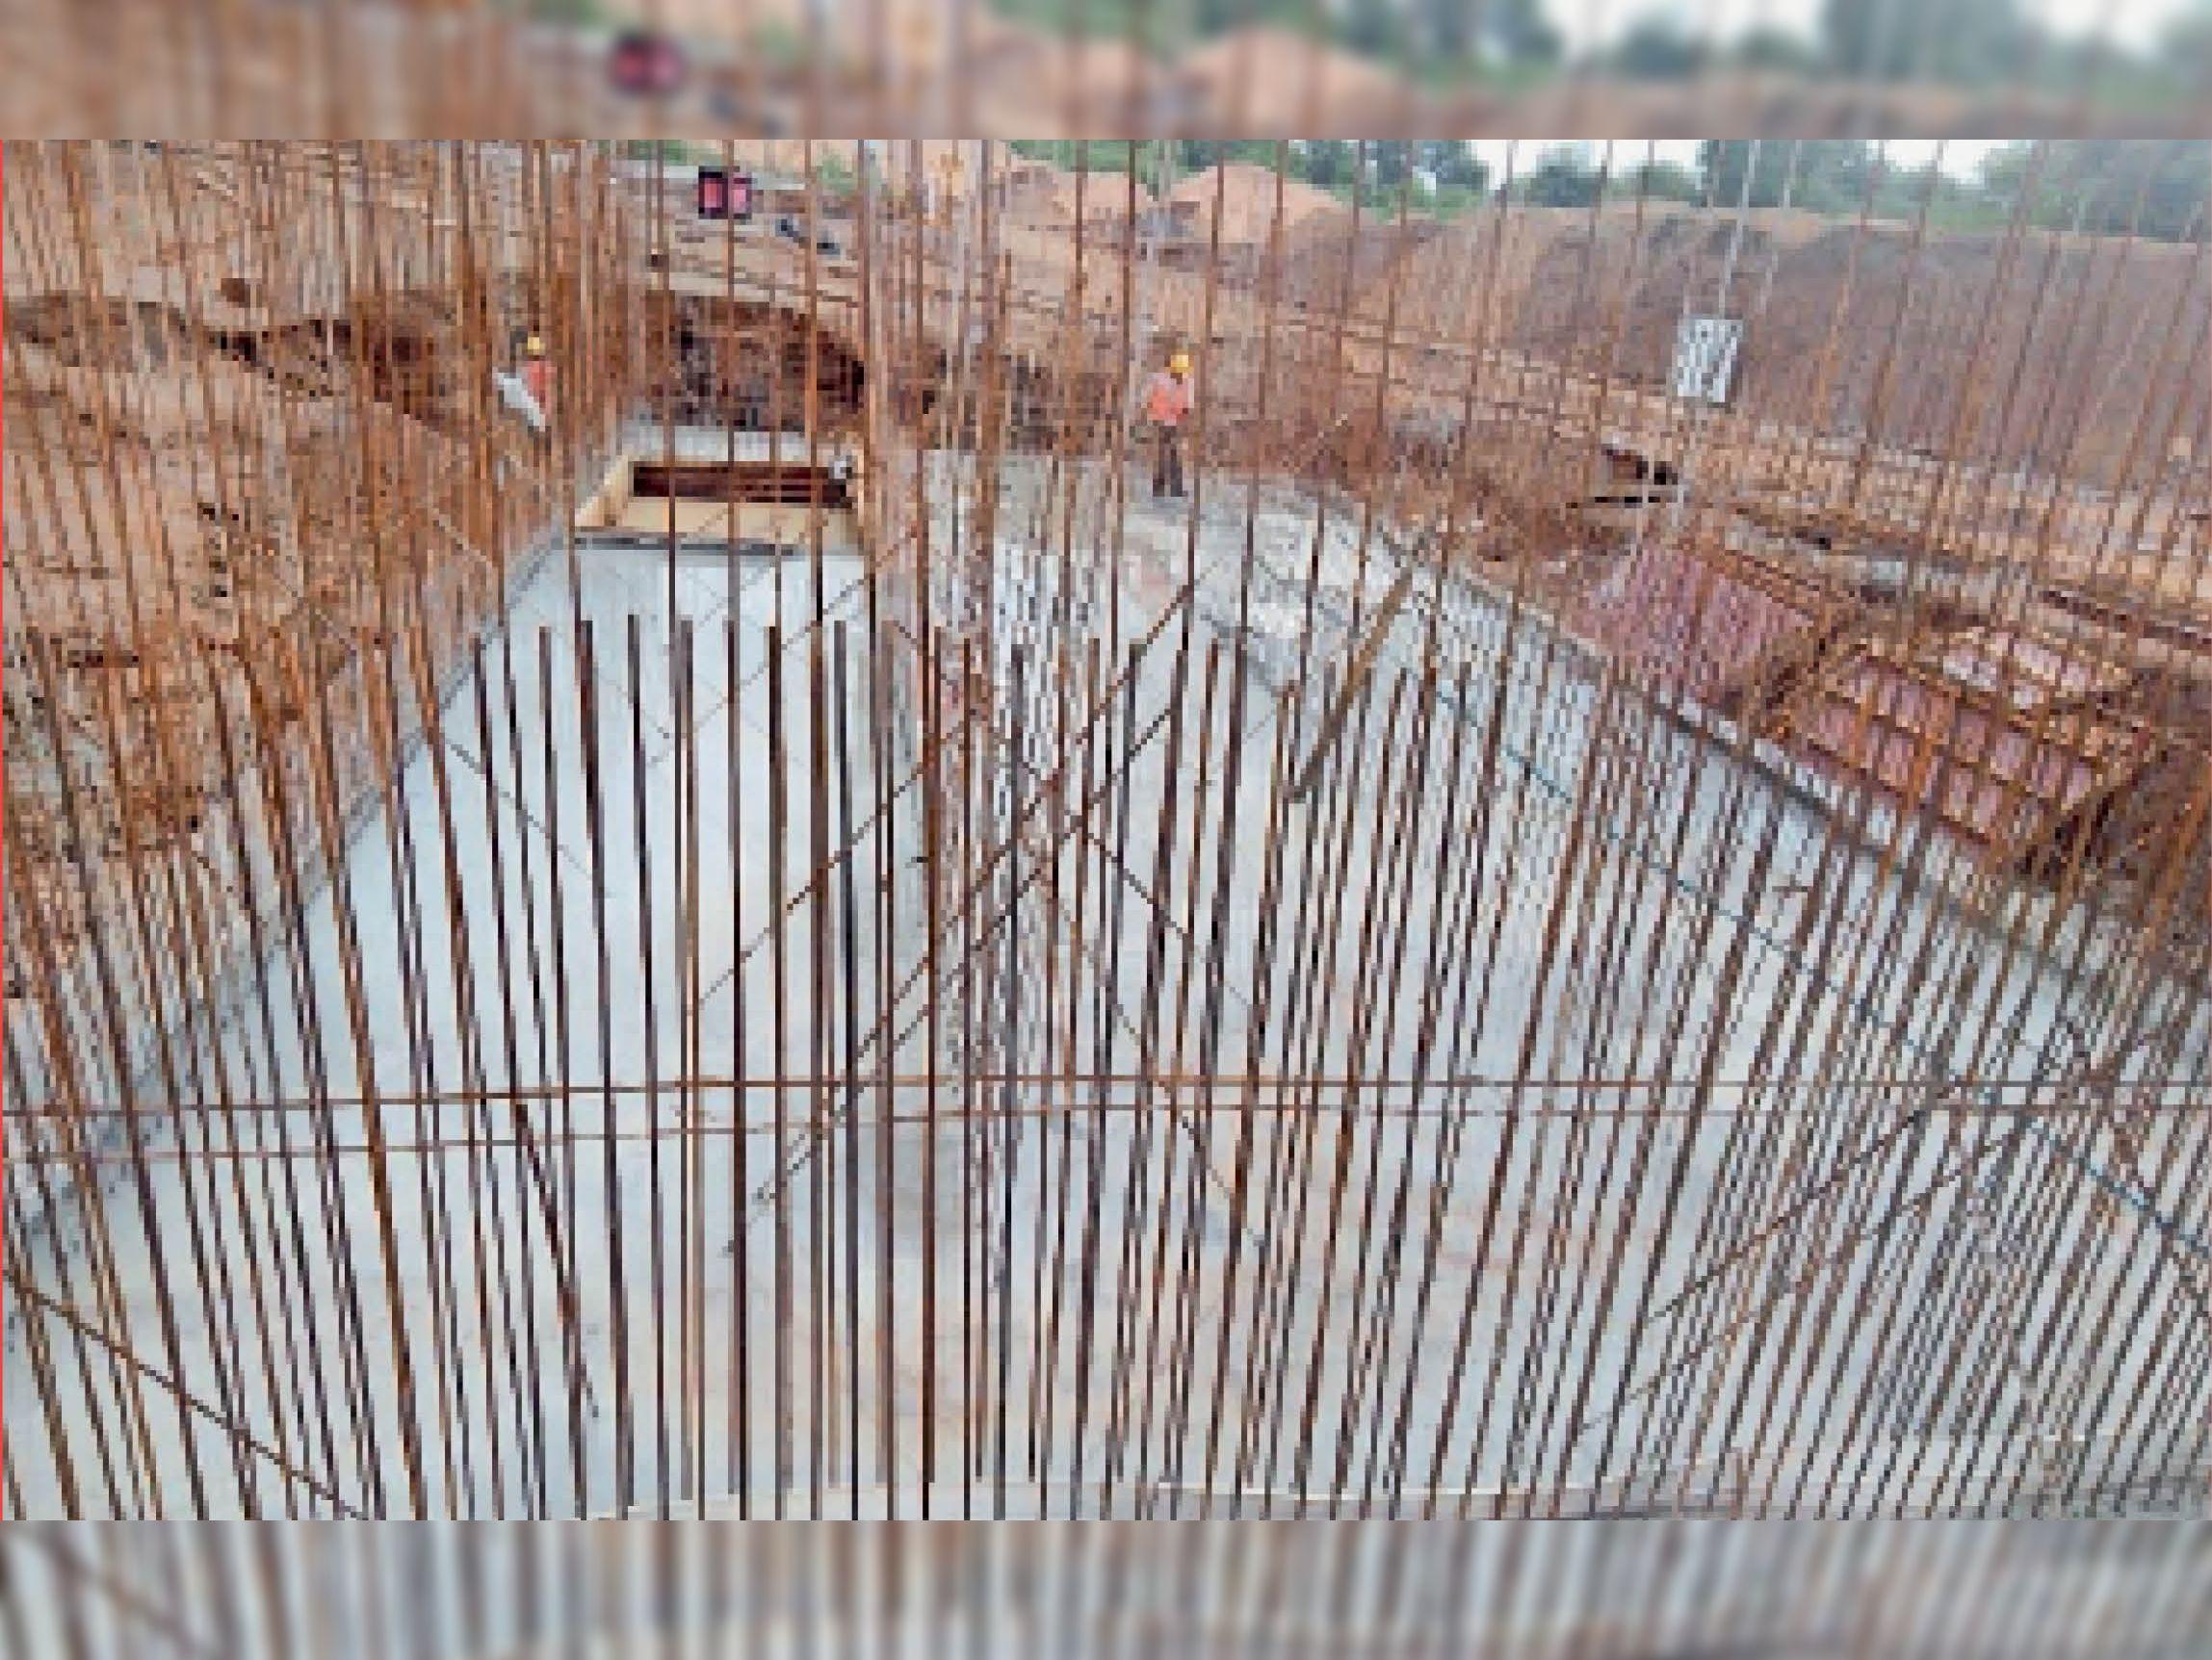 भीलखेड़ा में ट्रीटमेंट प्लांट का निर्माण कार्य जारी है। - Dainik Bhaskar